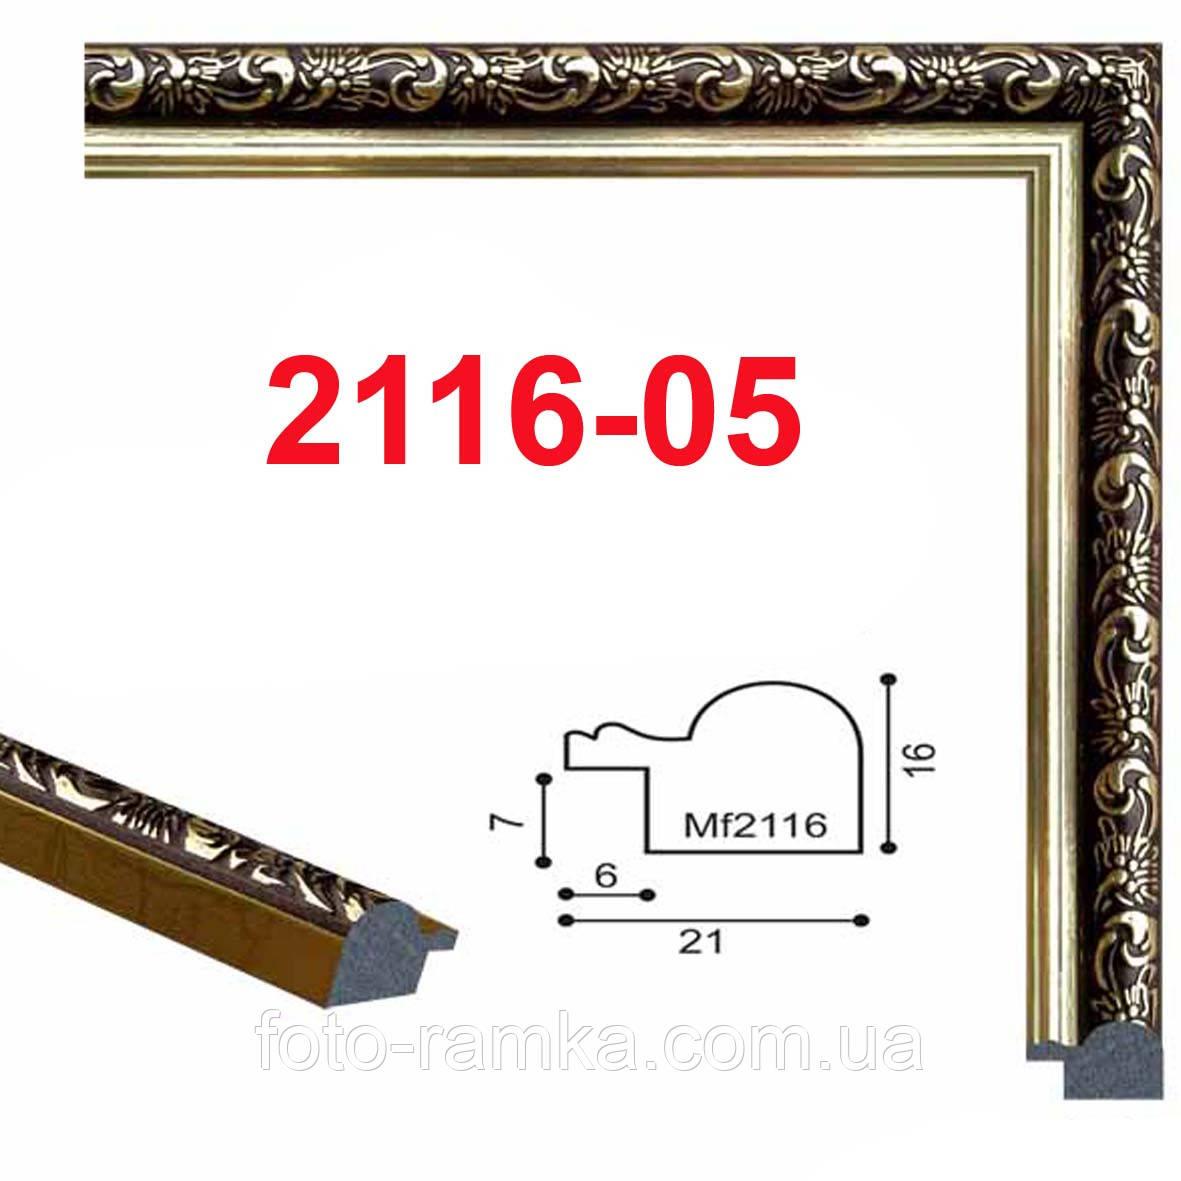 Фоторамка 15х21 багет 2116